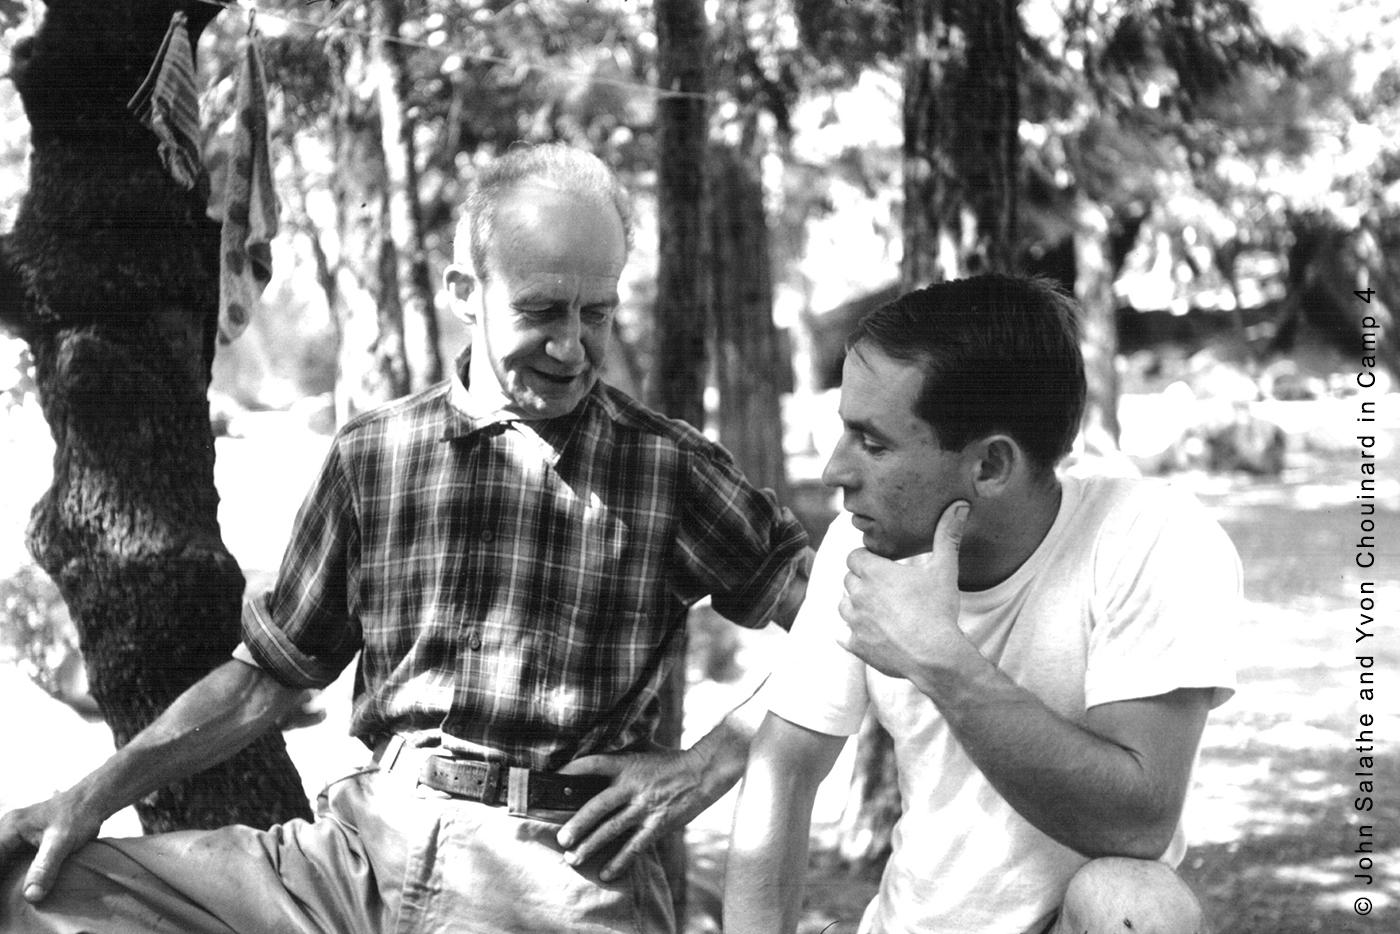 John Salathe and Yvon Chouinard in Camp 4